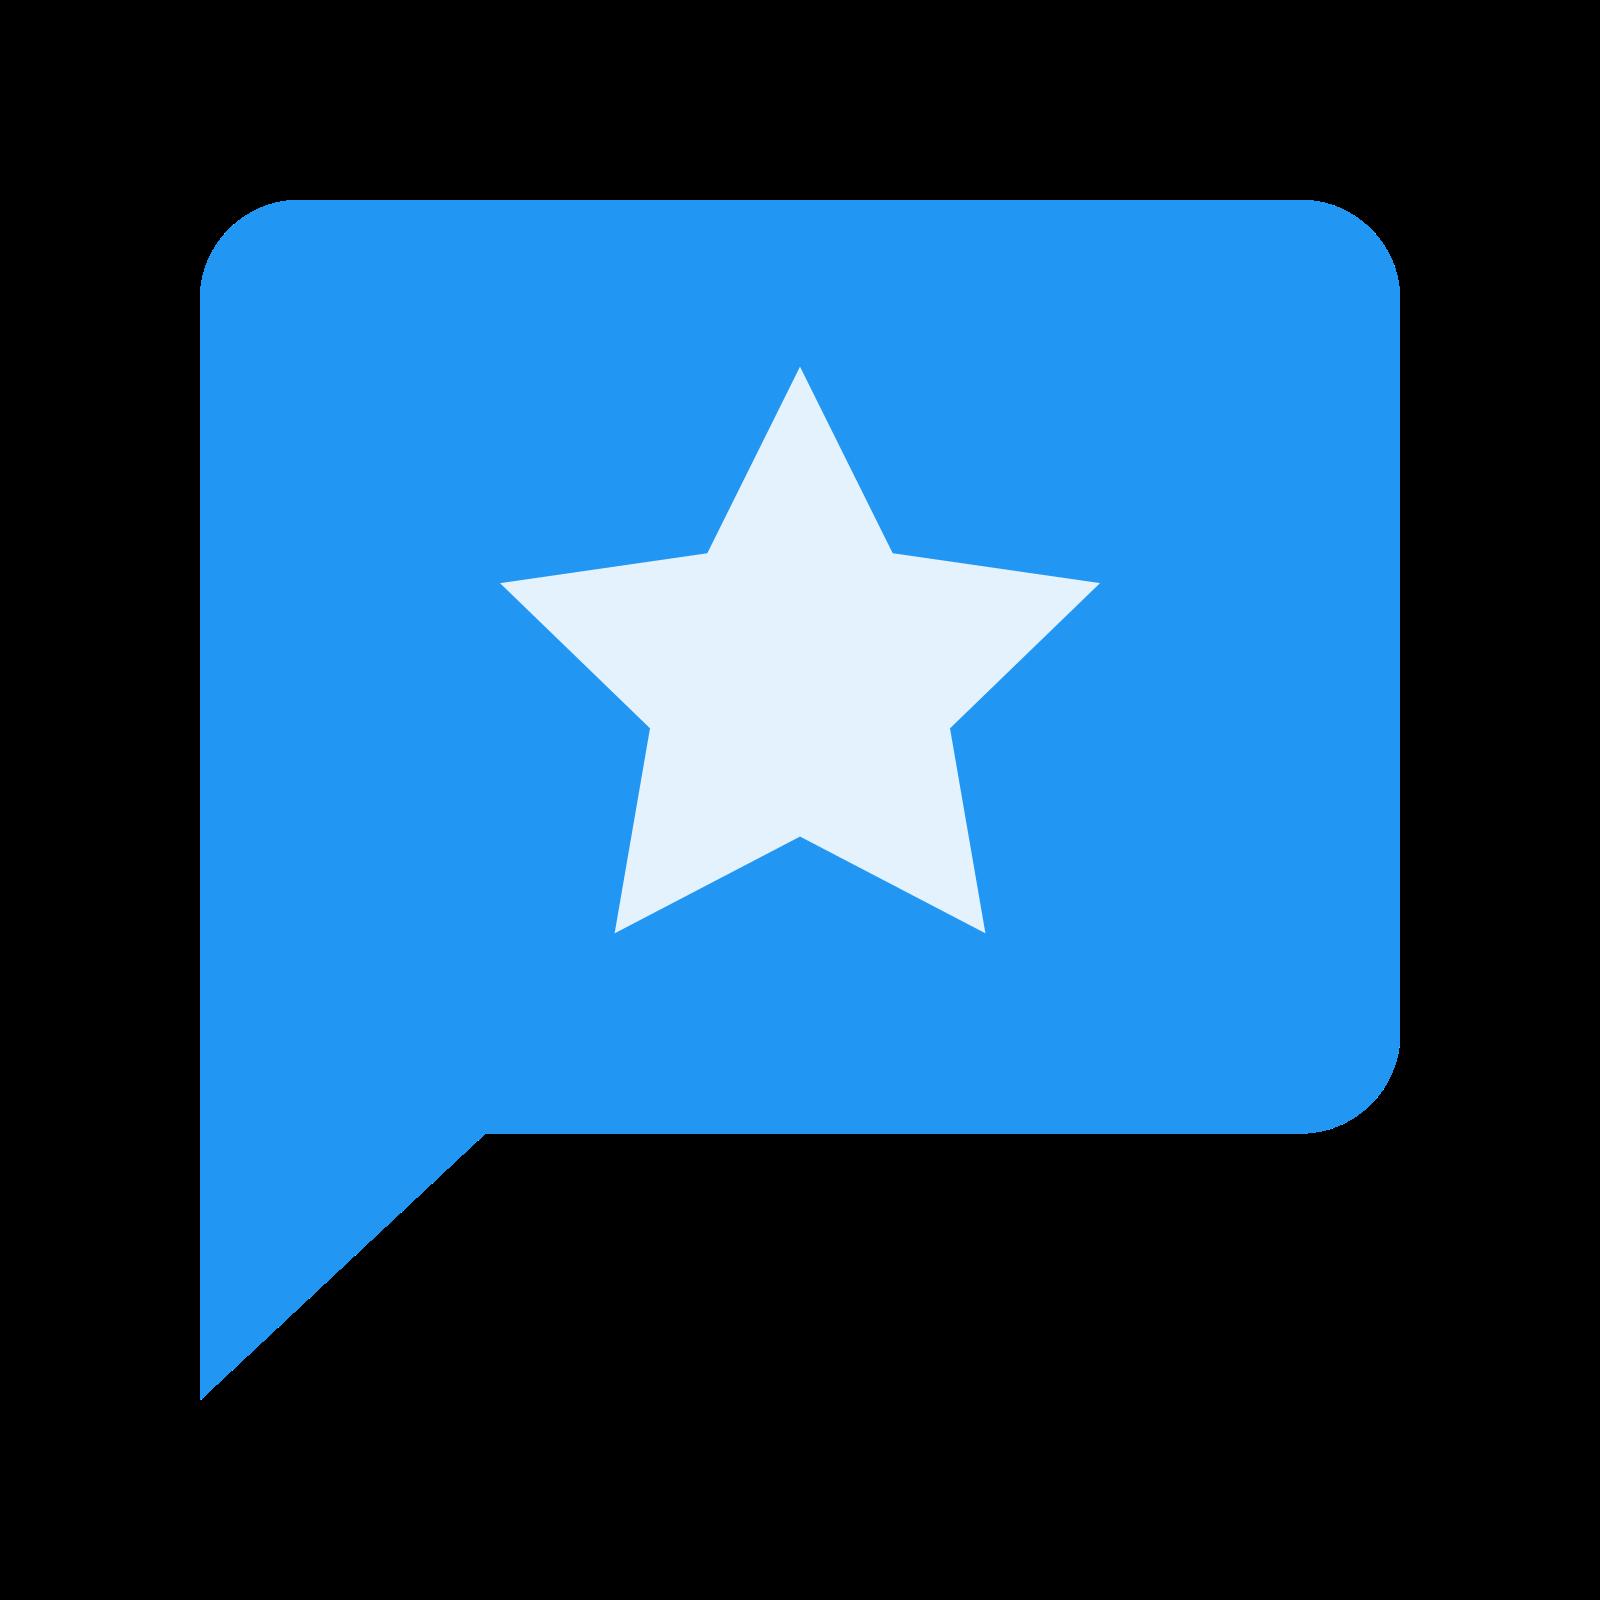 很热门的话题 icon. This icon is a speech bubble in the shape of a circle with a star in the center of the bubble. The speech bubble is circular with a curved point at its bottom coming from the bottom left. Inside the bubble is a filled-in star with five points.